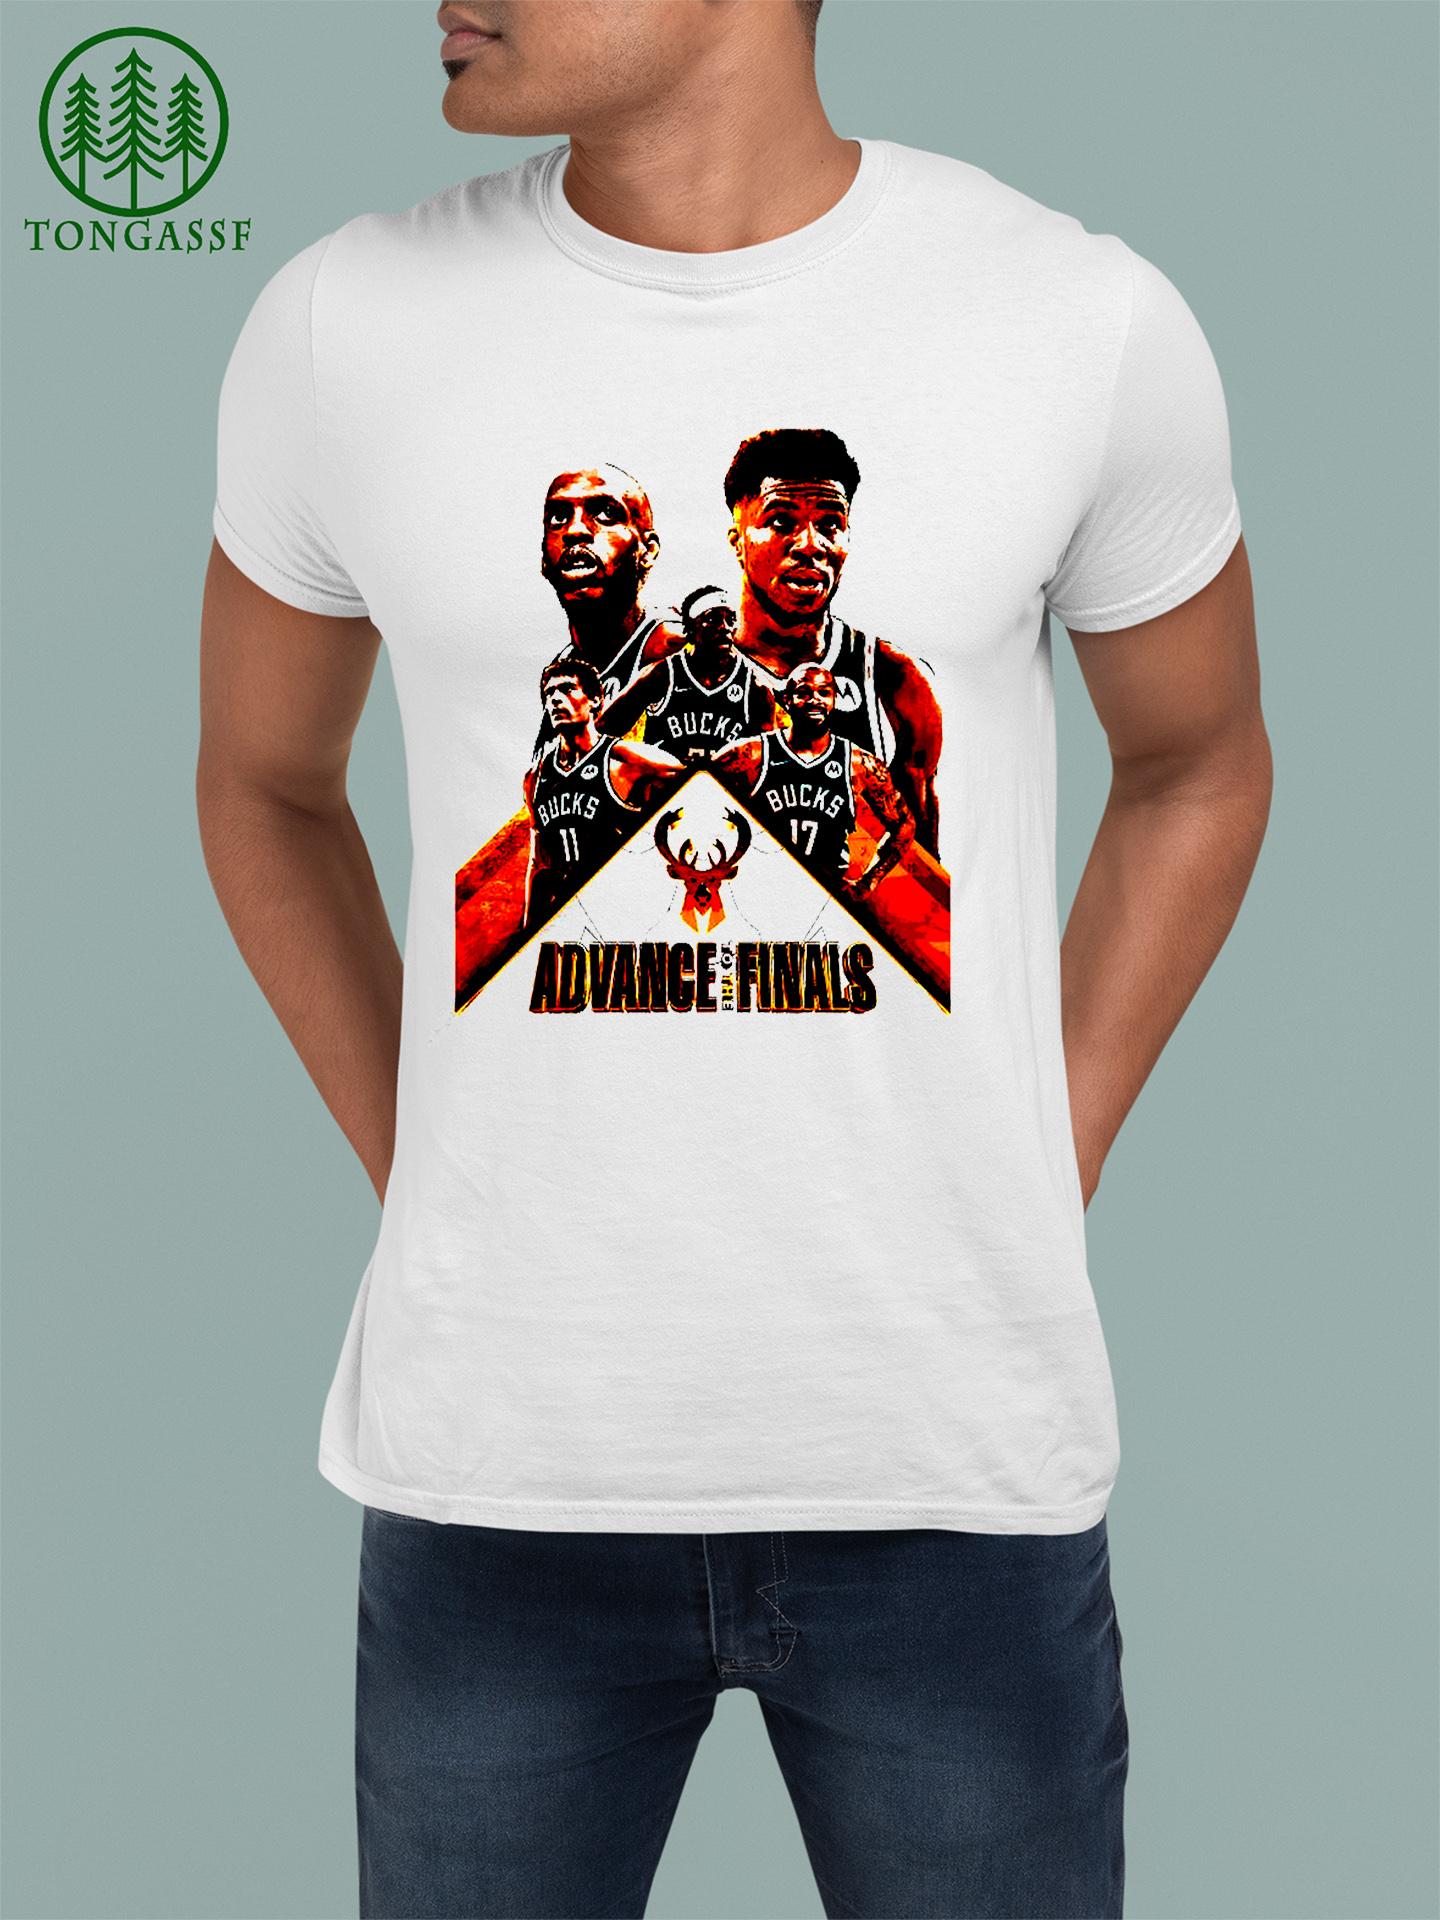 Advance Bucks Finals Essential t shirt